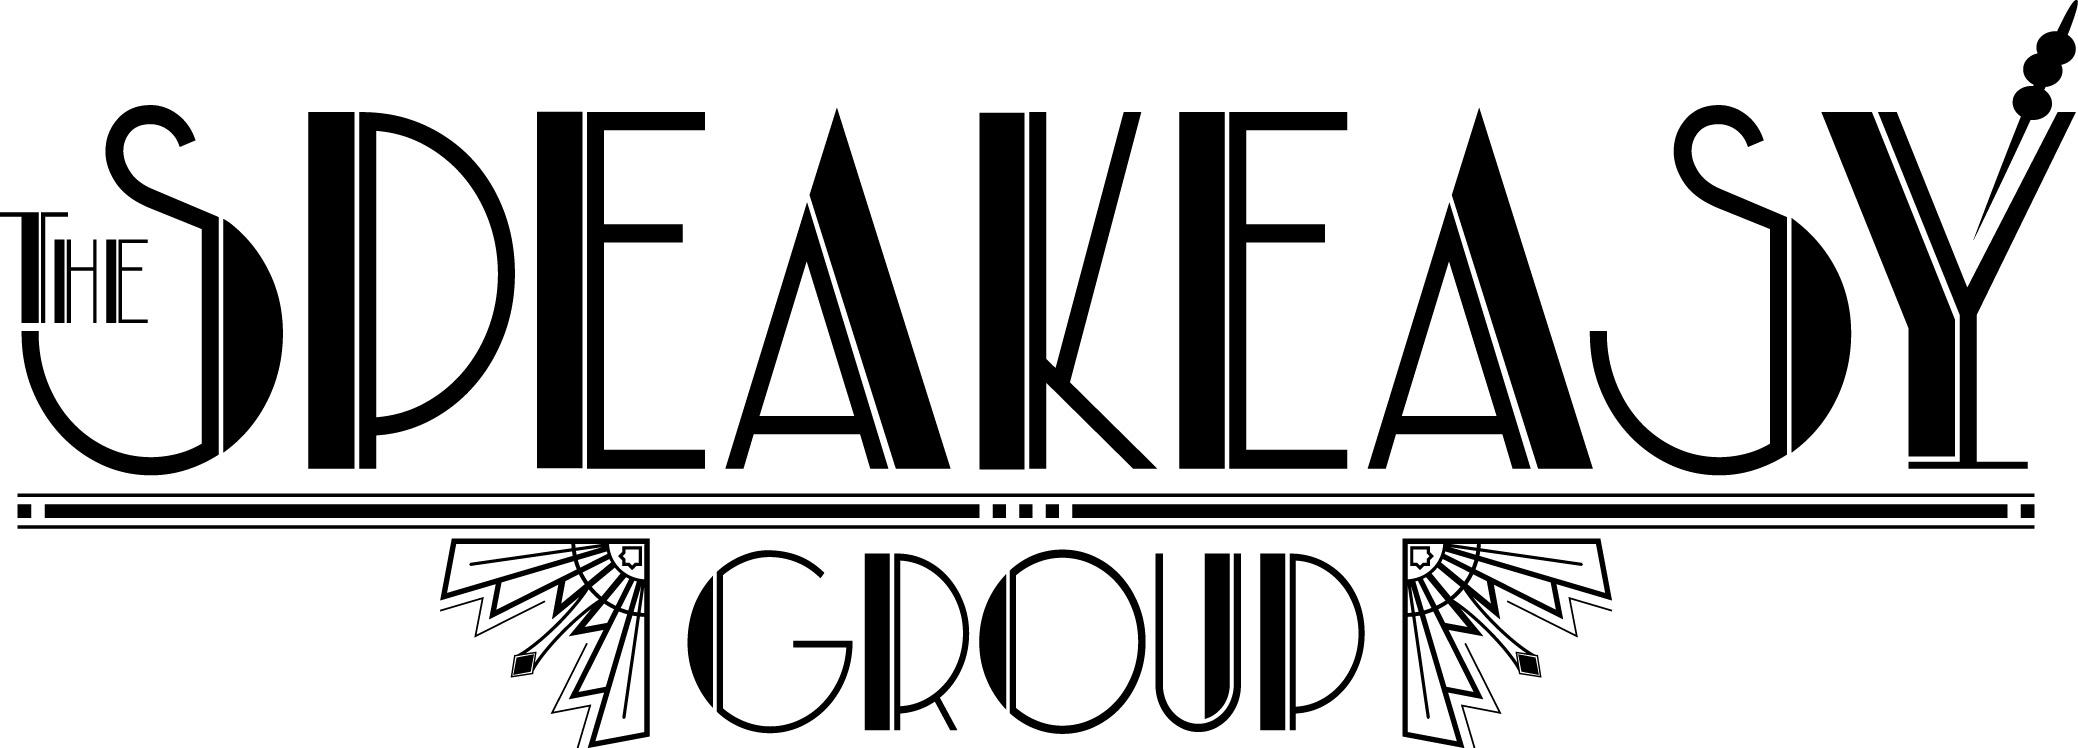 The Speakeasy Group